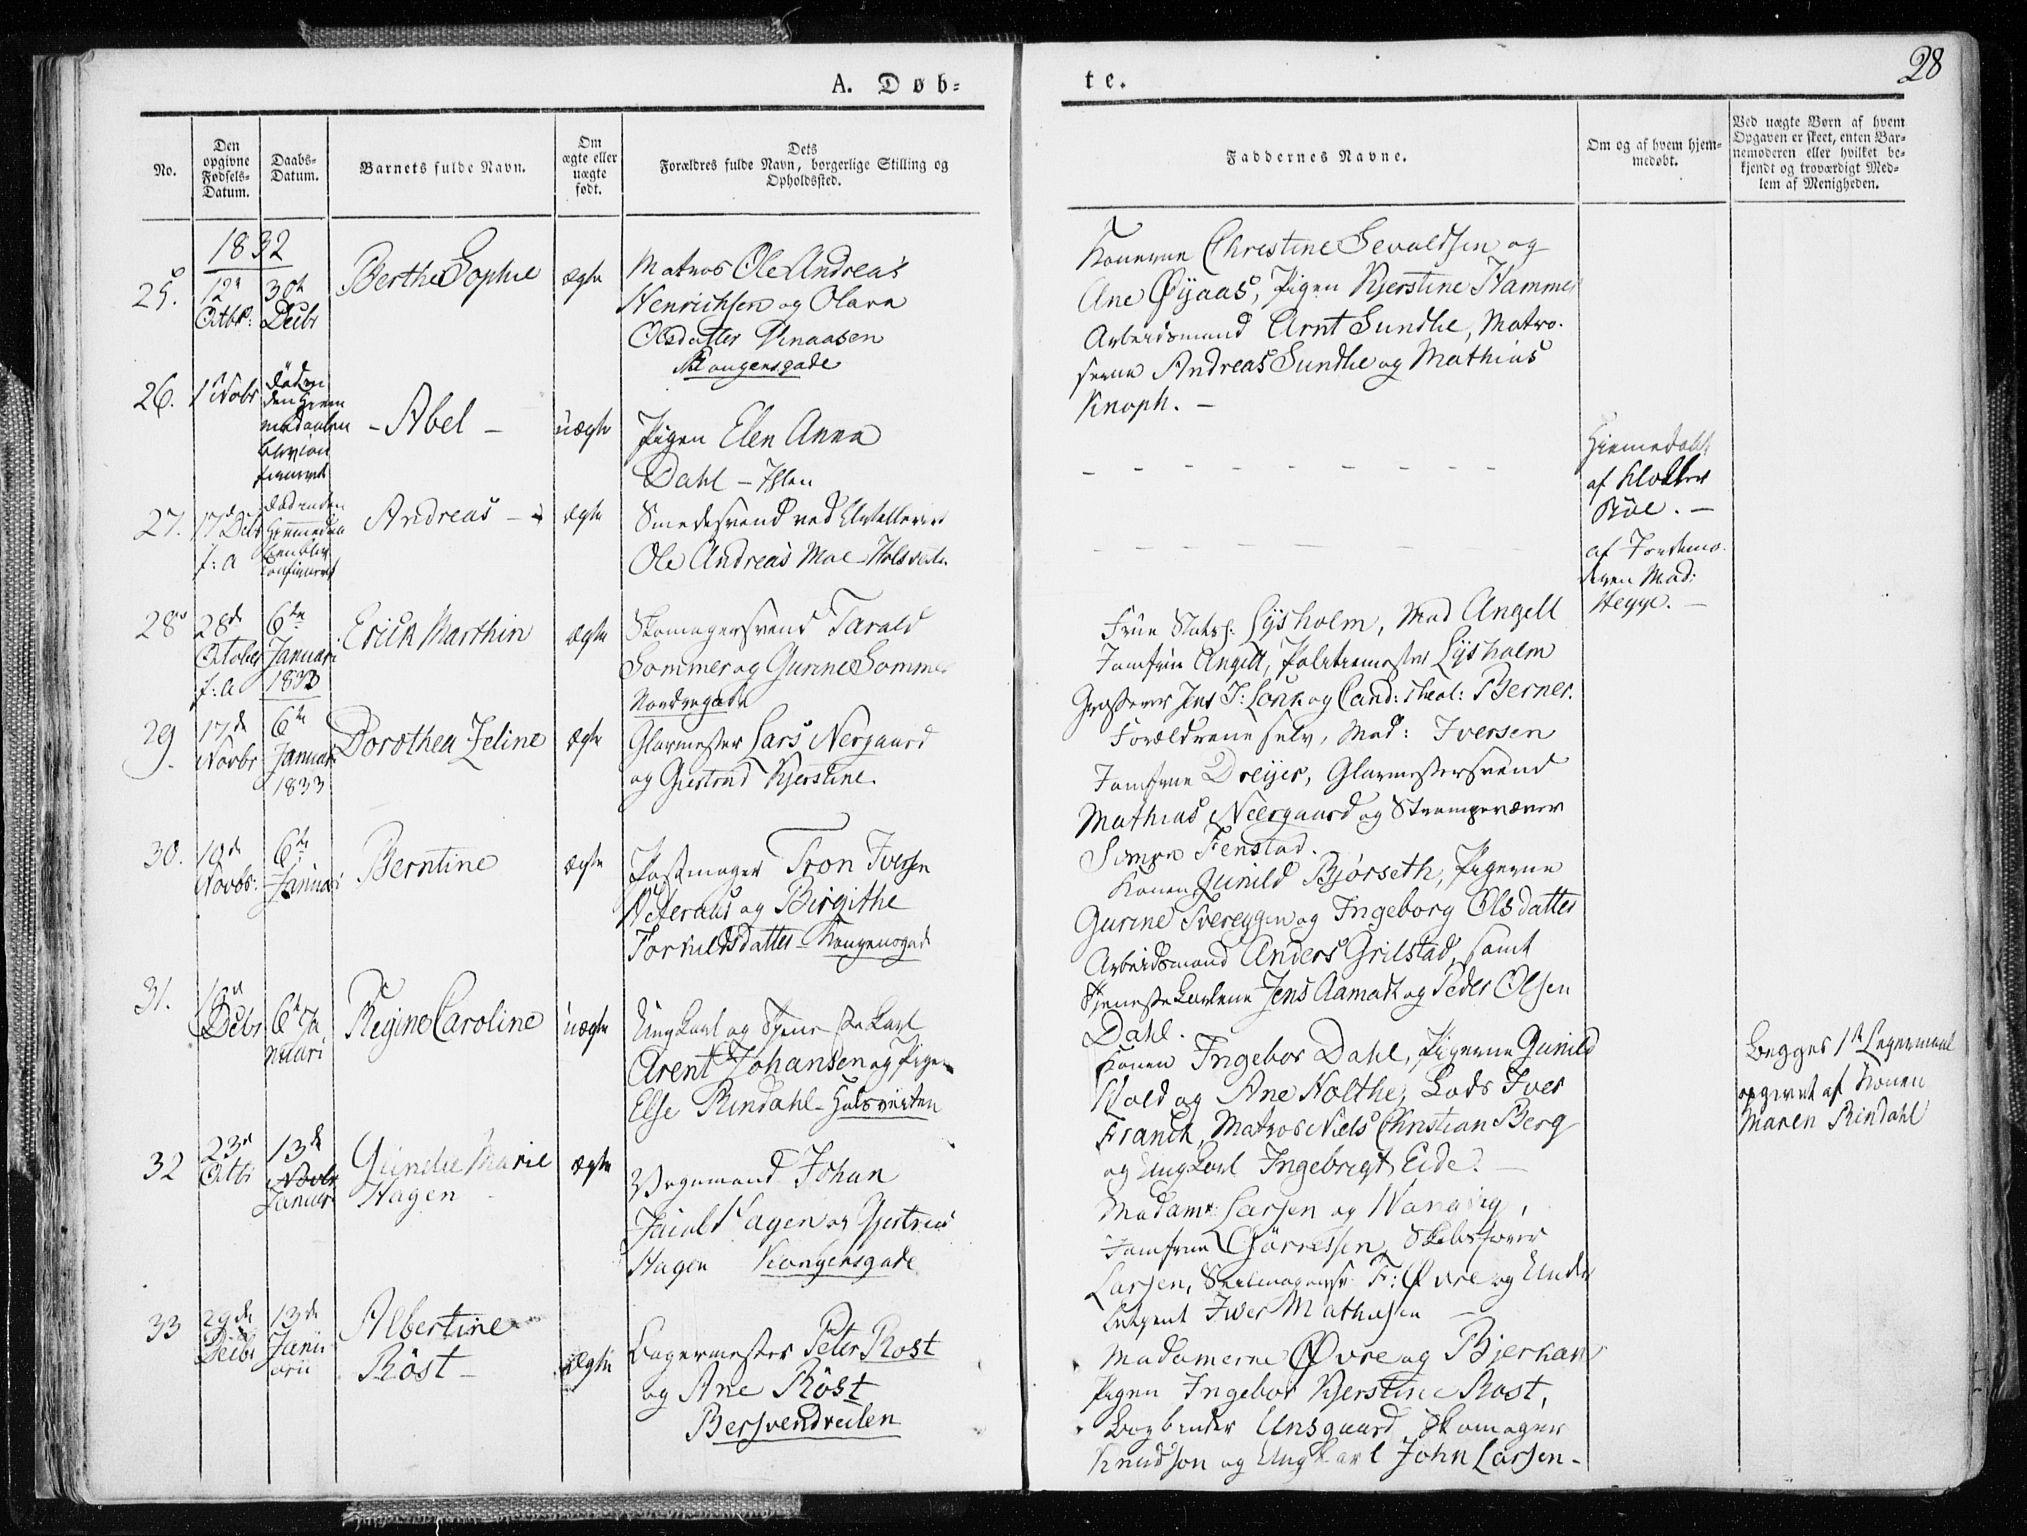 SAT, Ministerialprotokoller, klokkerbøker og fødselsregistre - Sør-Trøndelag, 601/L0047: Ministerialbok nr. 601A15, 1831-1839, s. 28